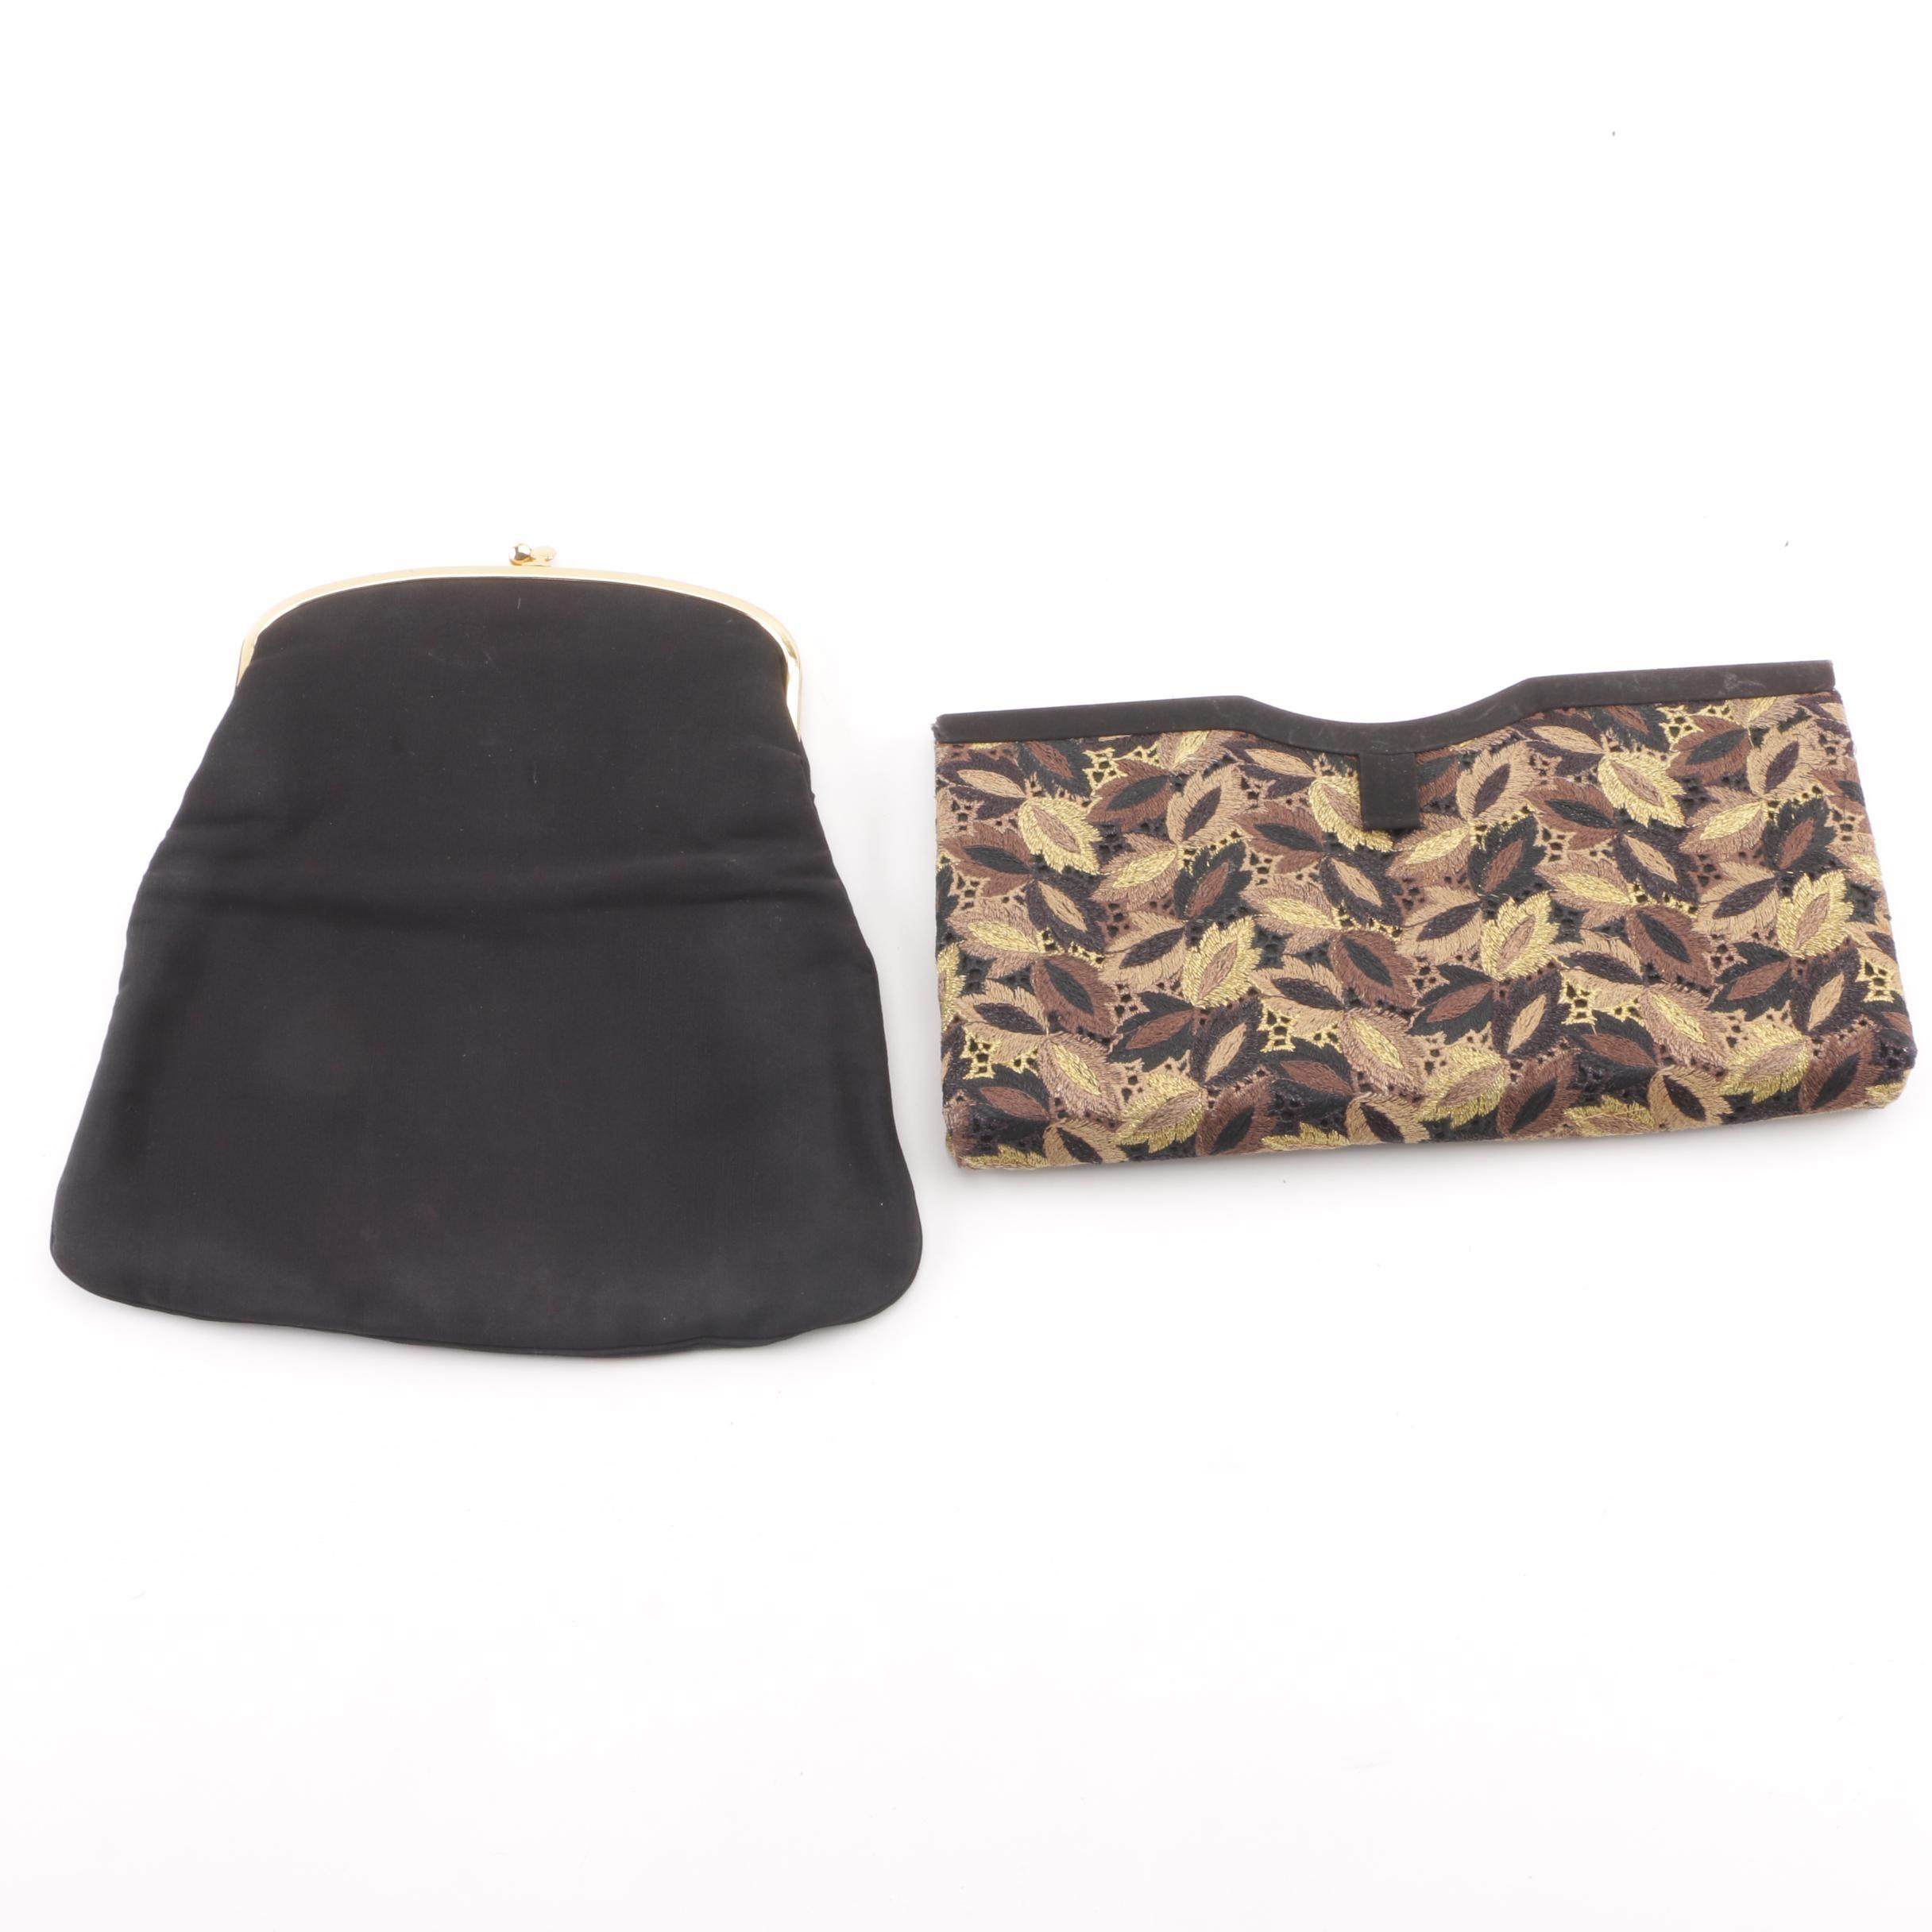 Vintage Coblentz Black Frame Bag and Bobbie Jerome Embroidered Foliate Clutch